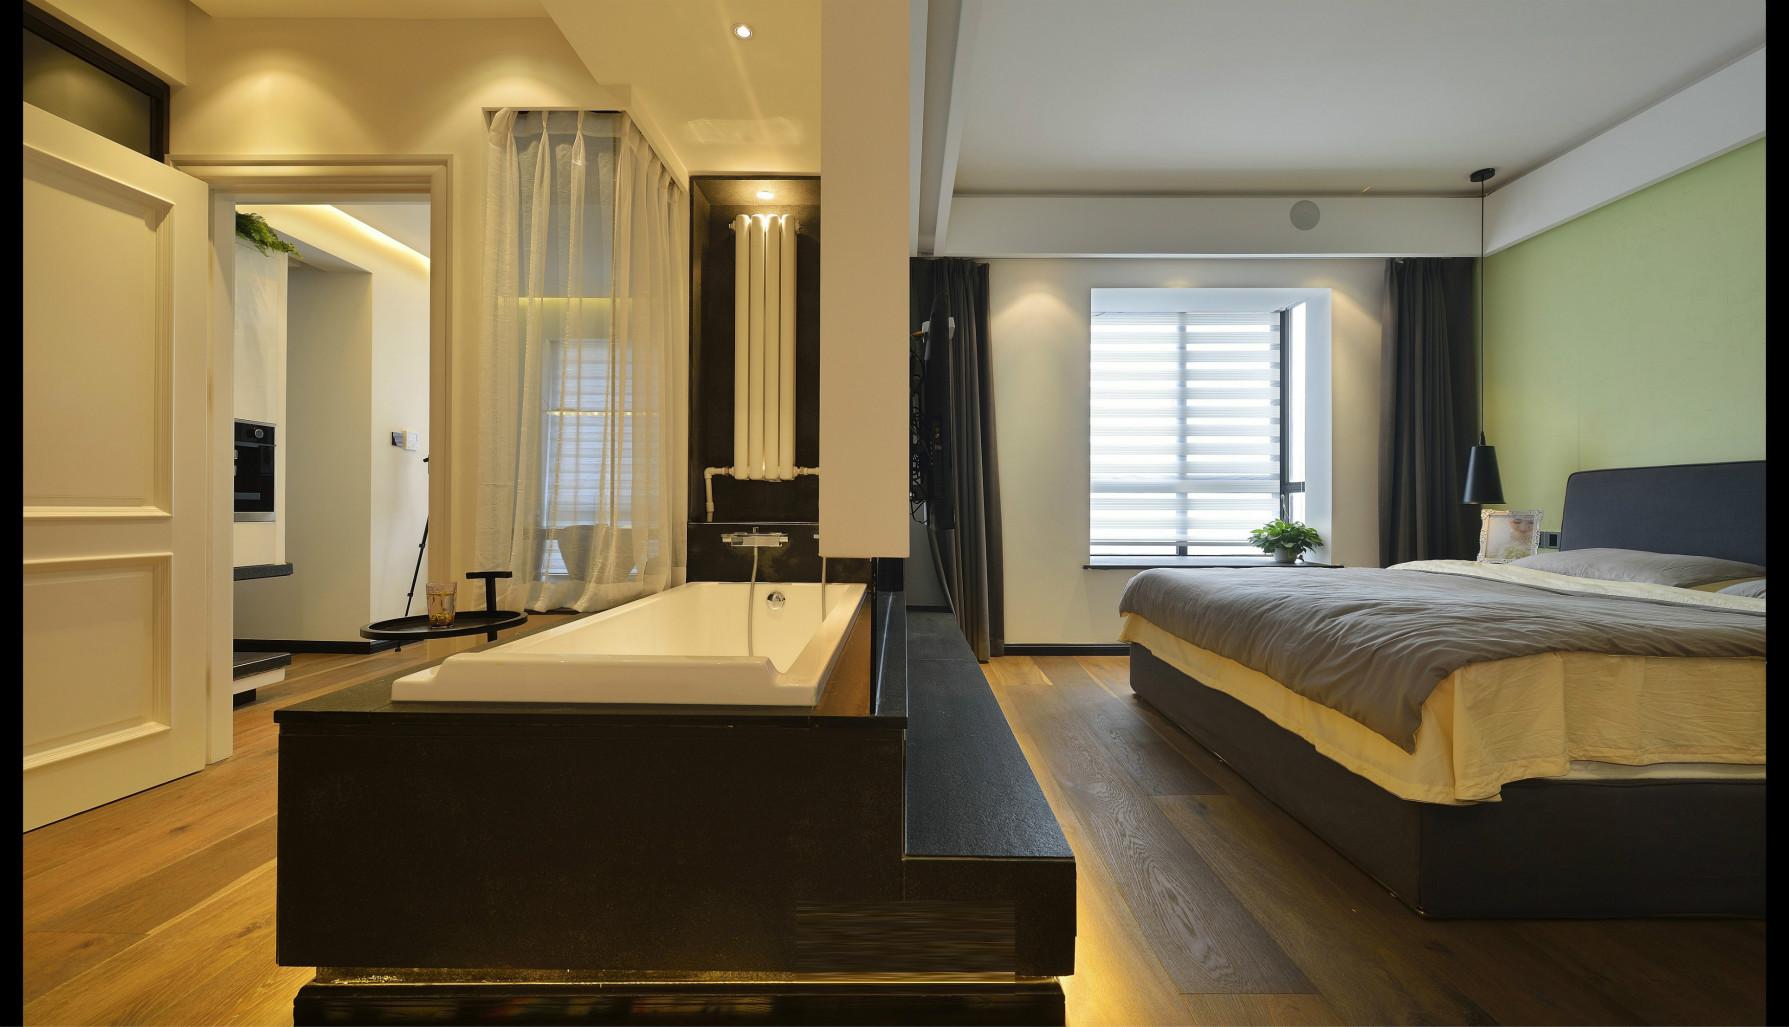 卧室的入口处即是开放式的洗手台,床品简单干净,绿植的点缀让室内温暖。